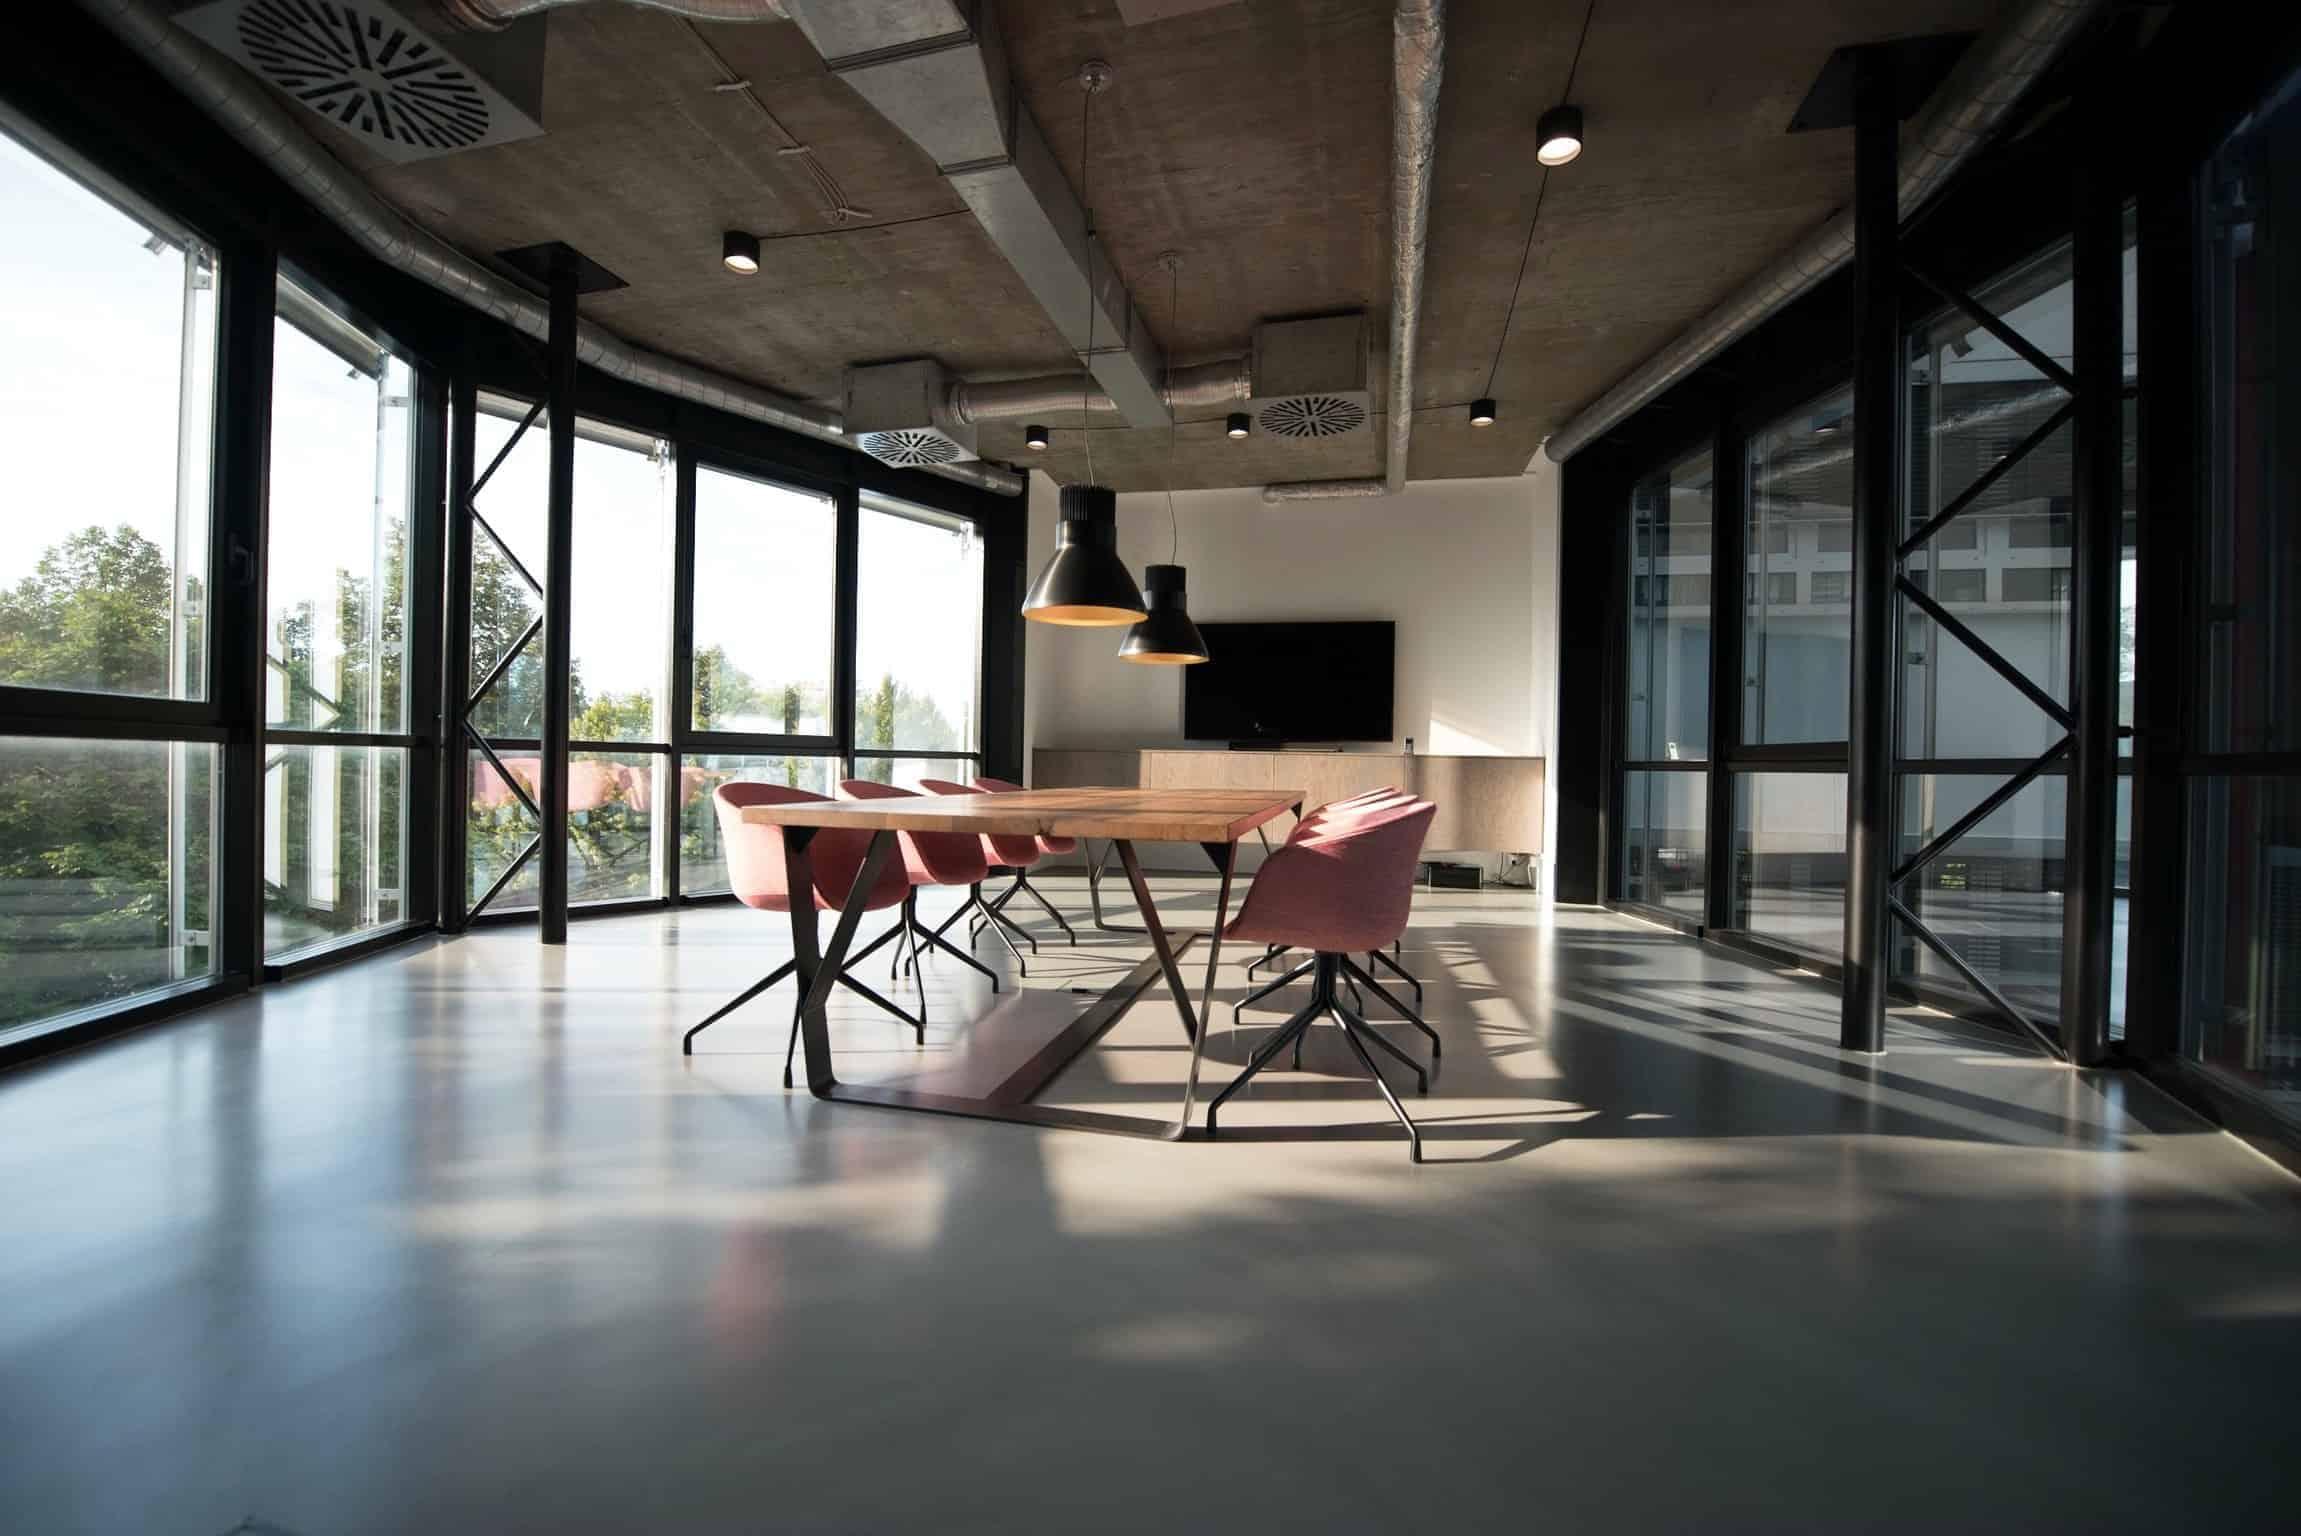 Liste von 3 Büroimmobilieninvestoren aus Frankreich